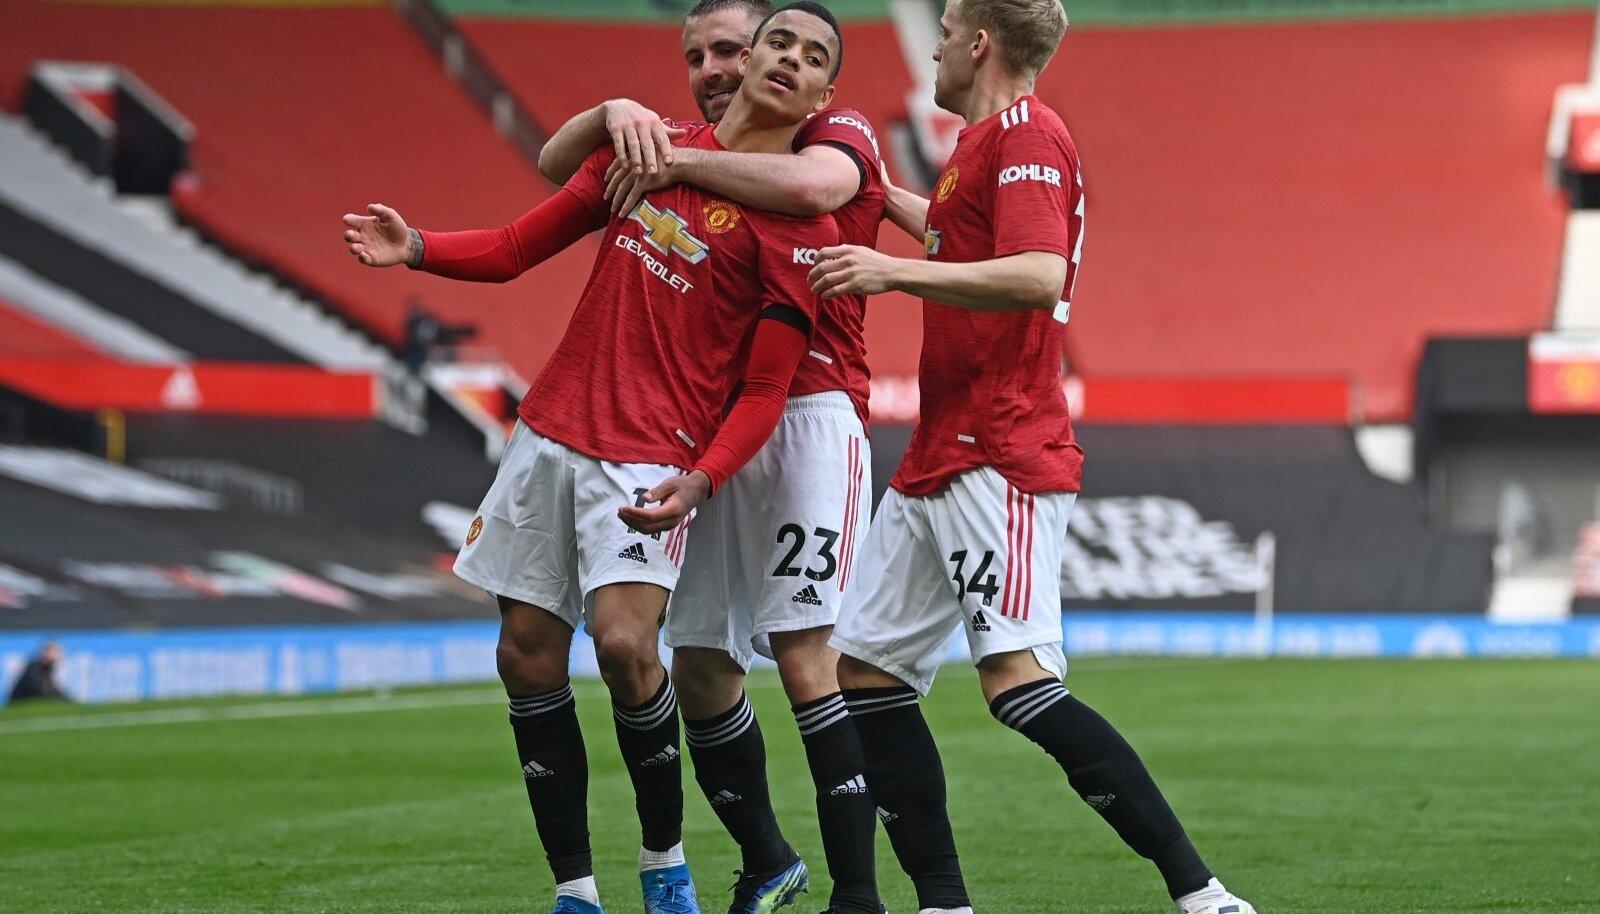 Manchester Unitedi mängijad väravat tähistamas.